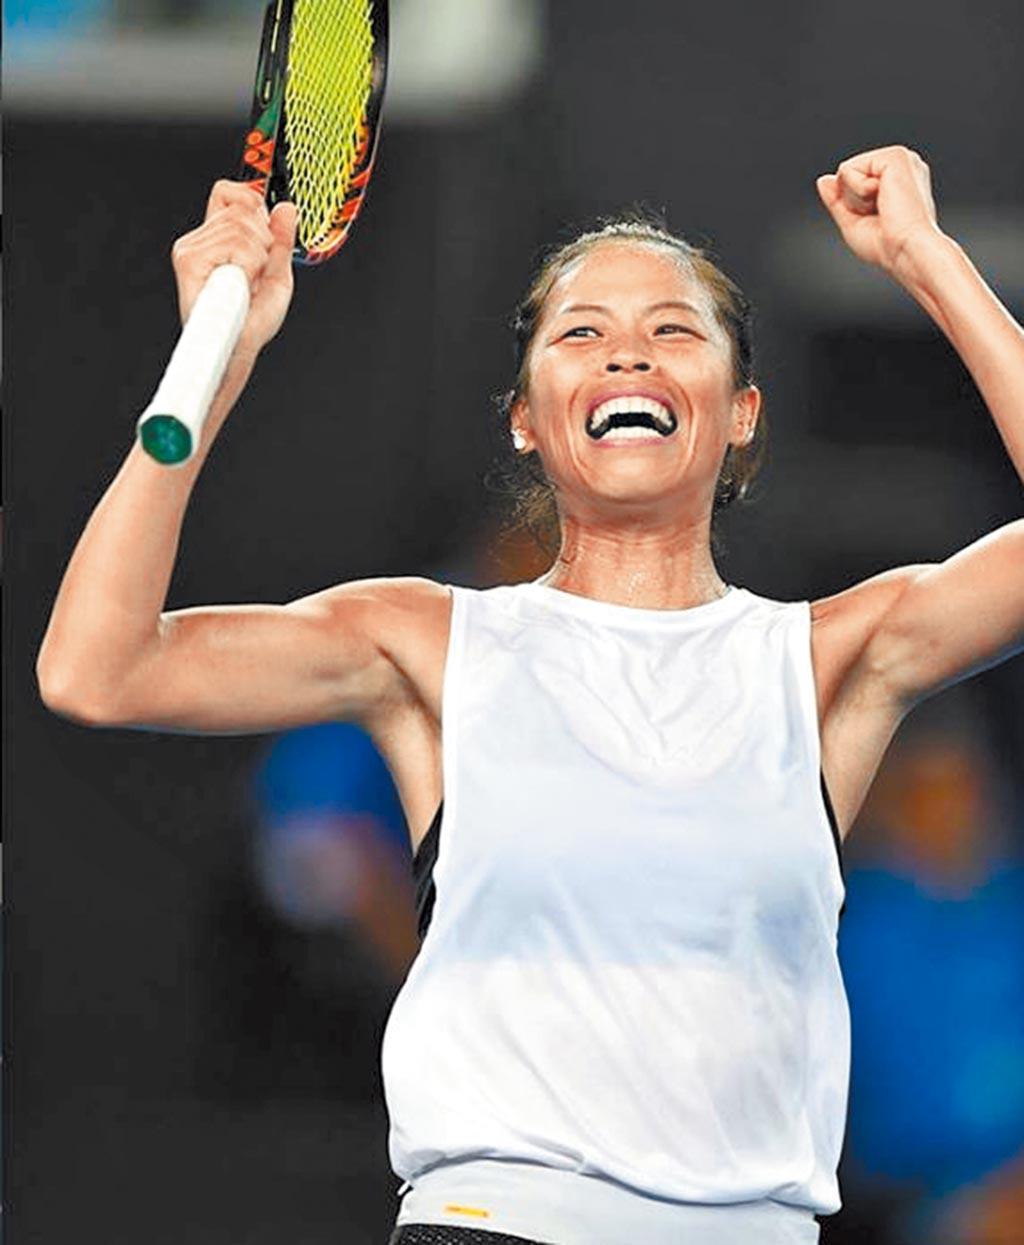 澳洲網球公開賽女雙項目昨進行第2輪賽事,大會第1種子「台捷組合」謝淑薇與捷克的史崔可娃,以直落二順利挺進第3輪16強。圖為謝淑薇。(翻攝自澳網IG/中央社)